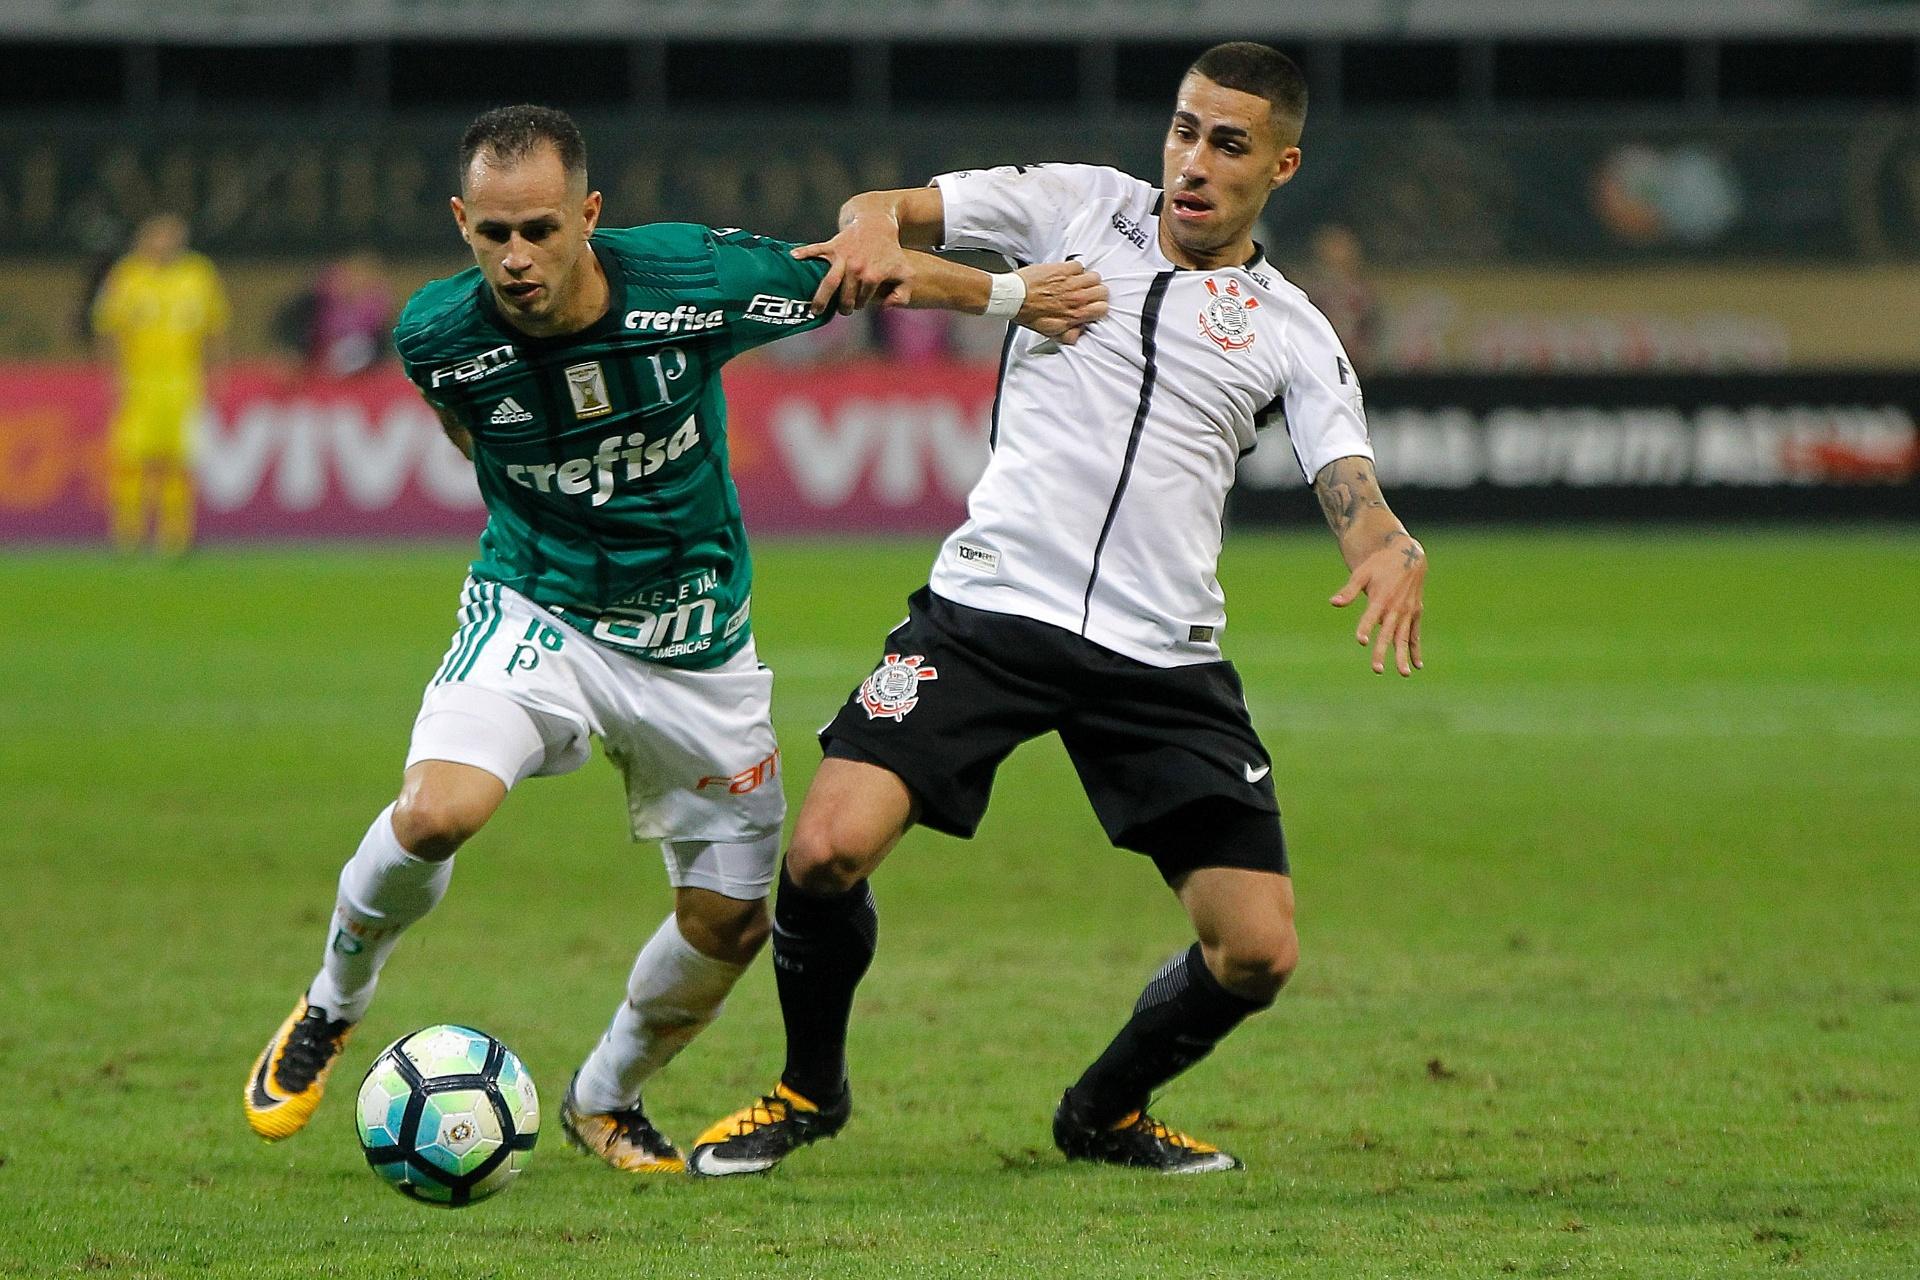 Série B e tropeços  o que impediu final Corinthians x Palmeiras por 19 anos  - Esporte - BOL d459c3c61849a